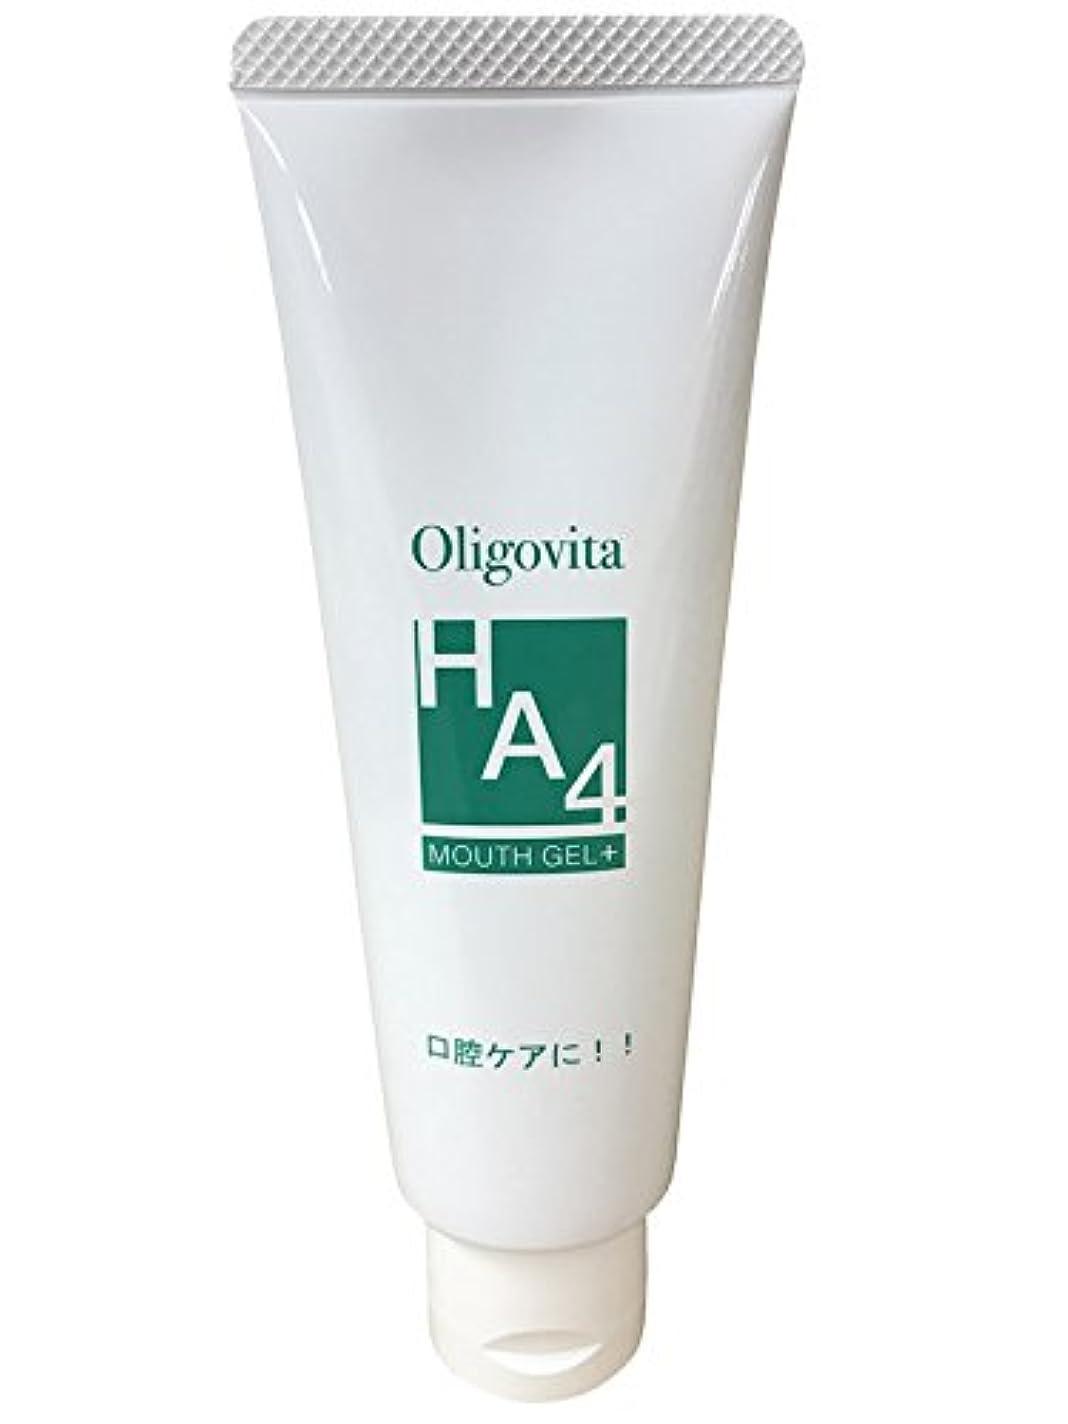 に向かってスコア製作オリゴヴィータ マウスジェルプラス 口腔内ケア 保湿 保護 ドライマウス ヒアルロン酸 リゾックス配合